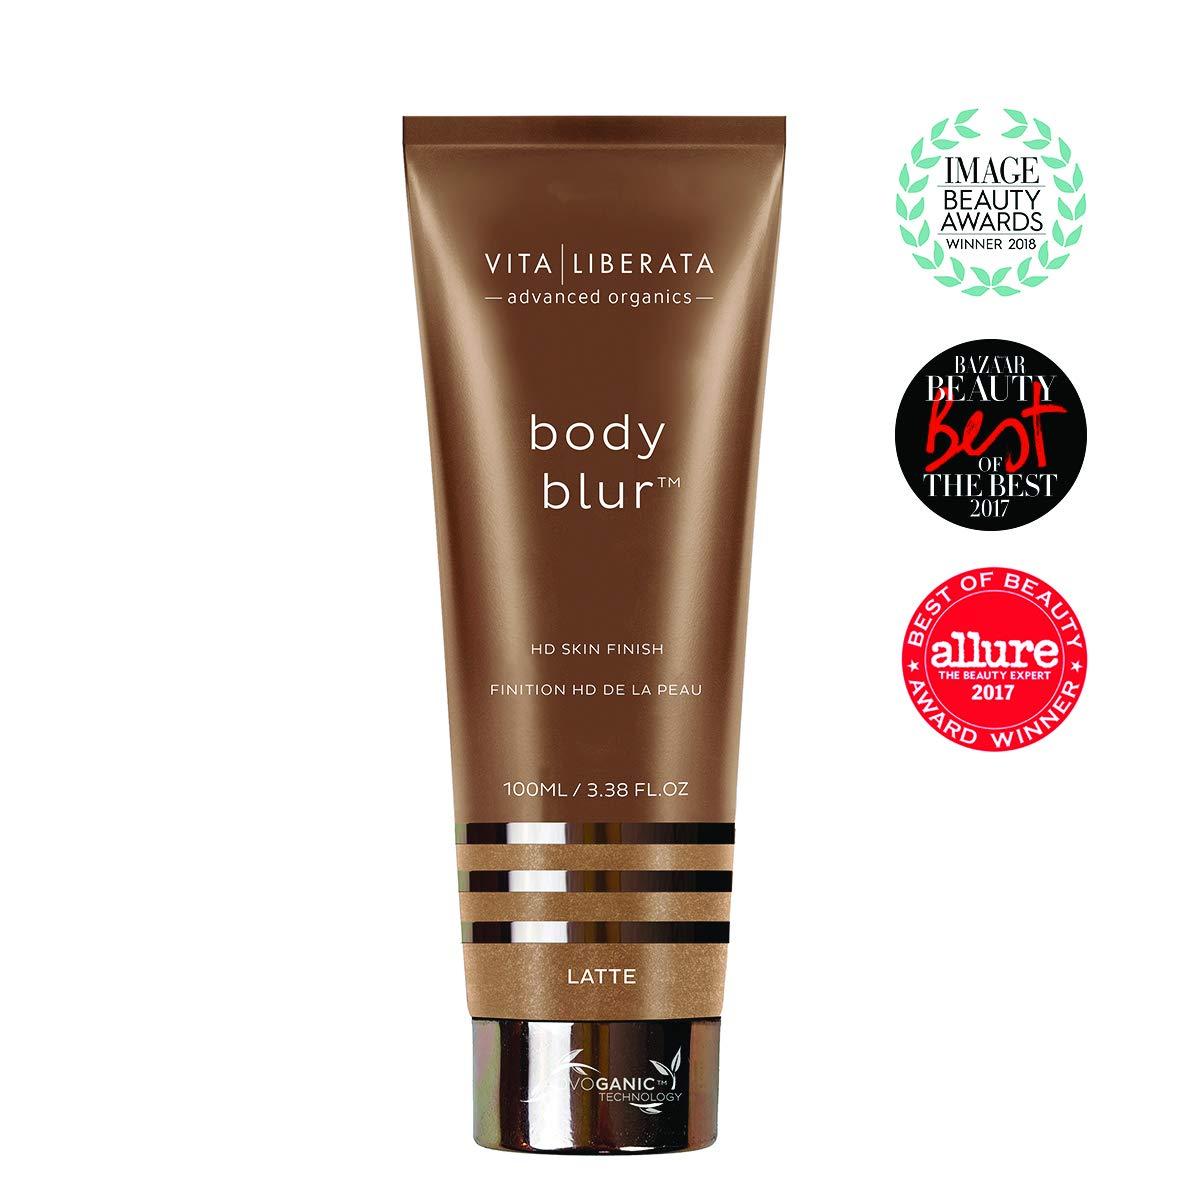 Vita Liberata Body Blur Instant HD Skin Finish, 3.38 Fl Oz by Vita Liberata